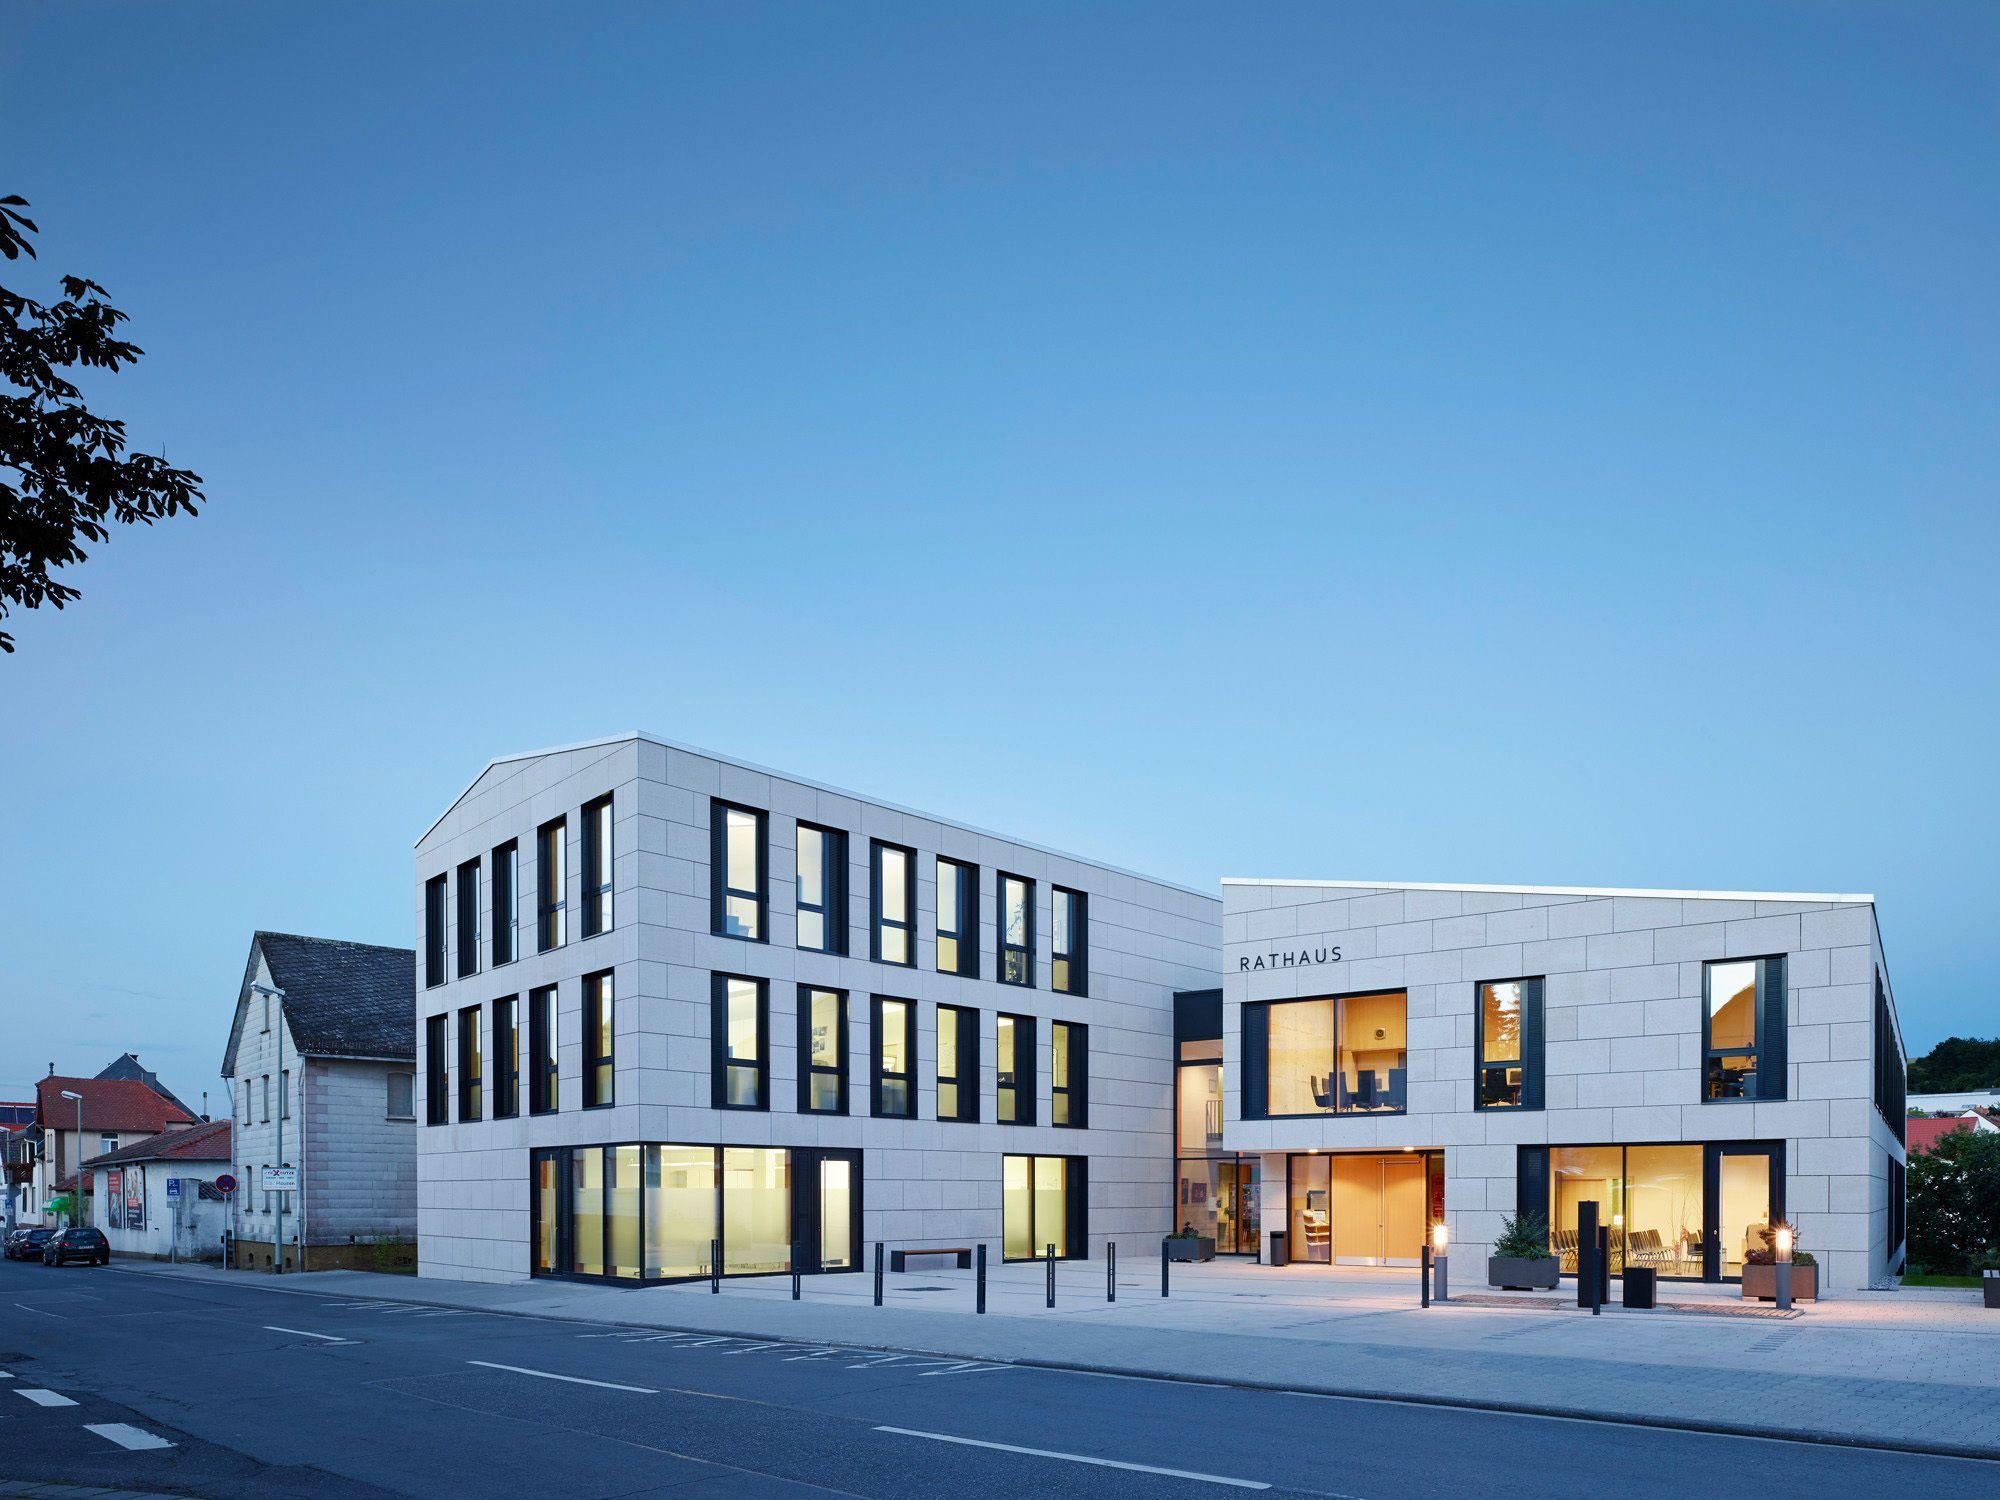 Rathaus in Neu-Anspach / Helle Mauern - Architektur und Architekten - News / Meldungen / Nachrichten - BauNetz.de